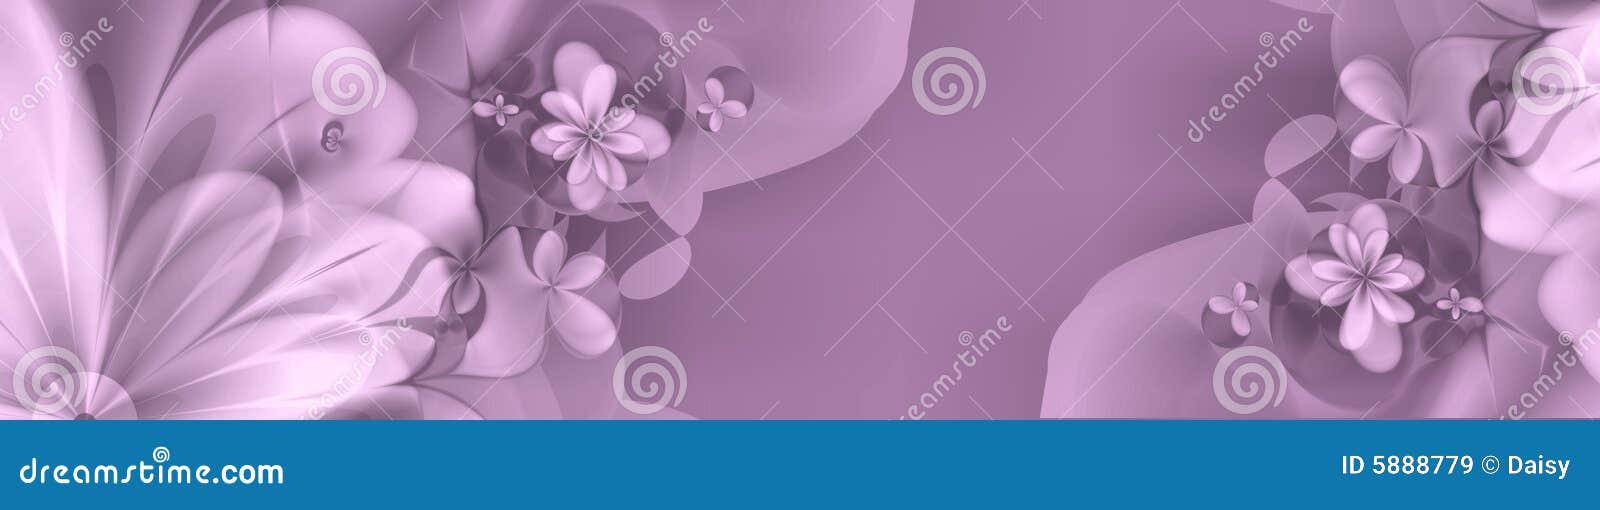 Bandera floral en purples y colores de rosa profundos